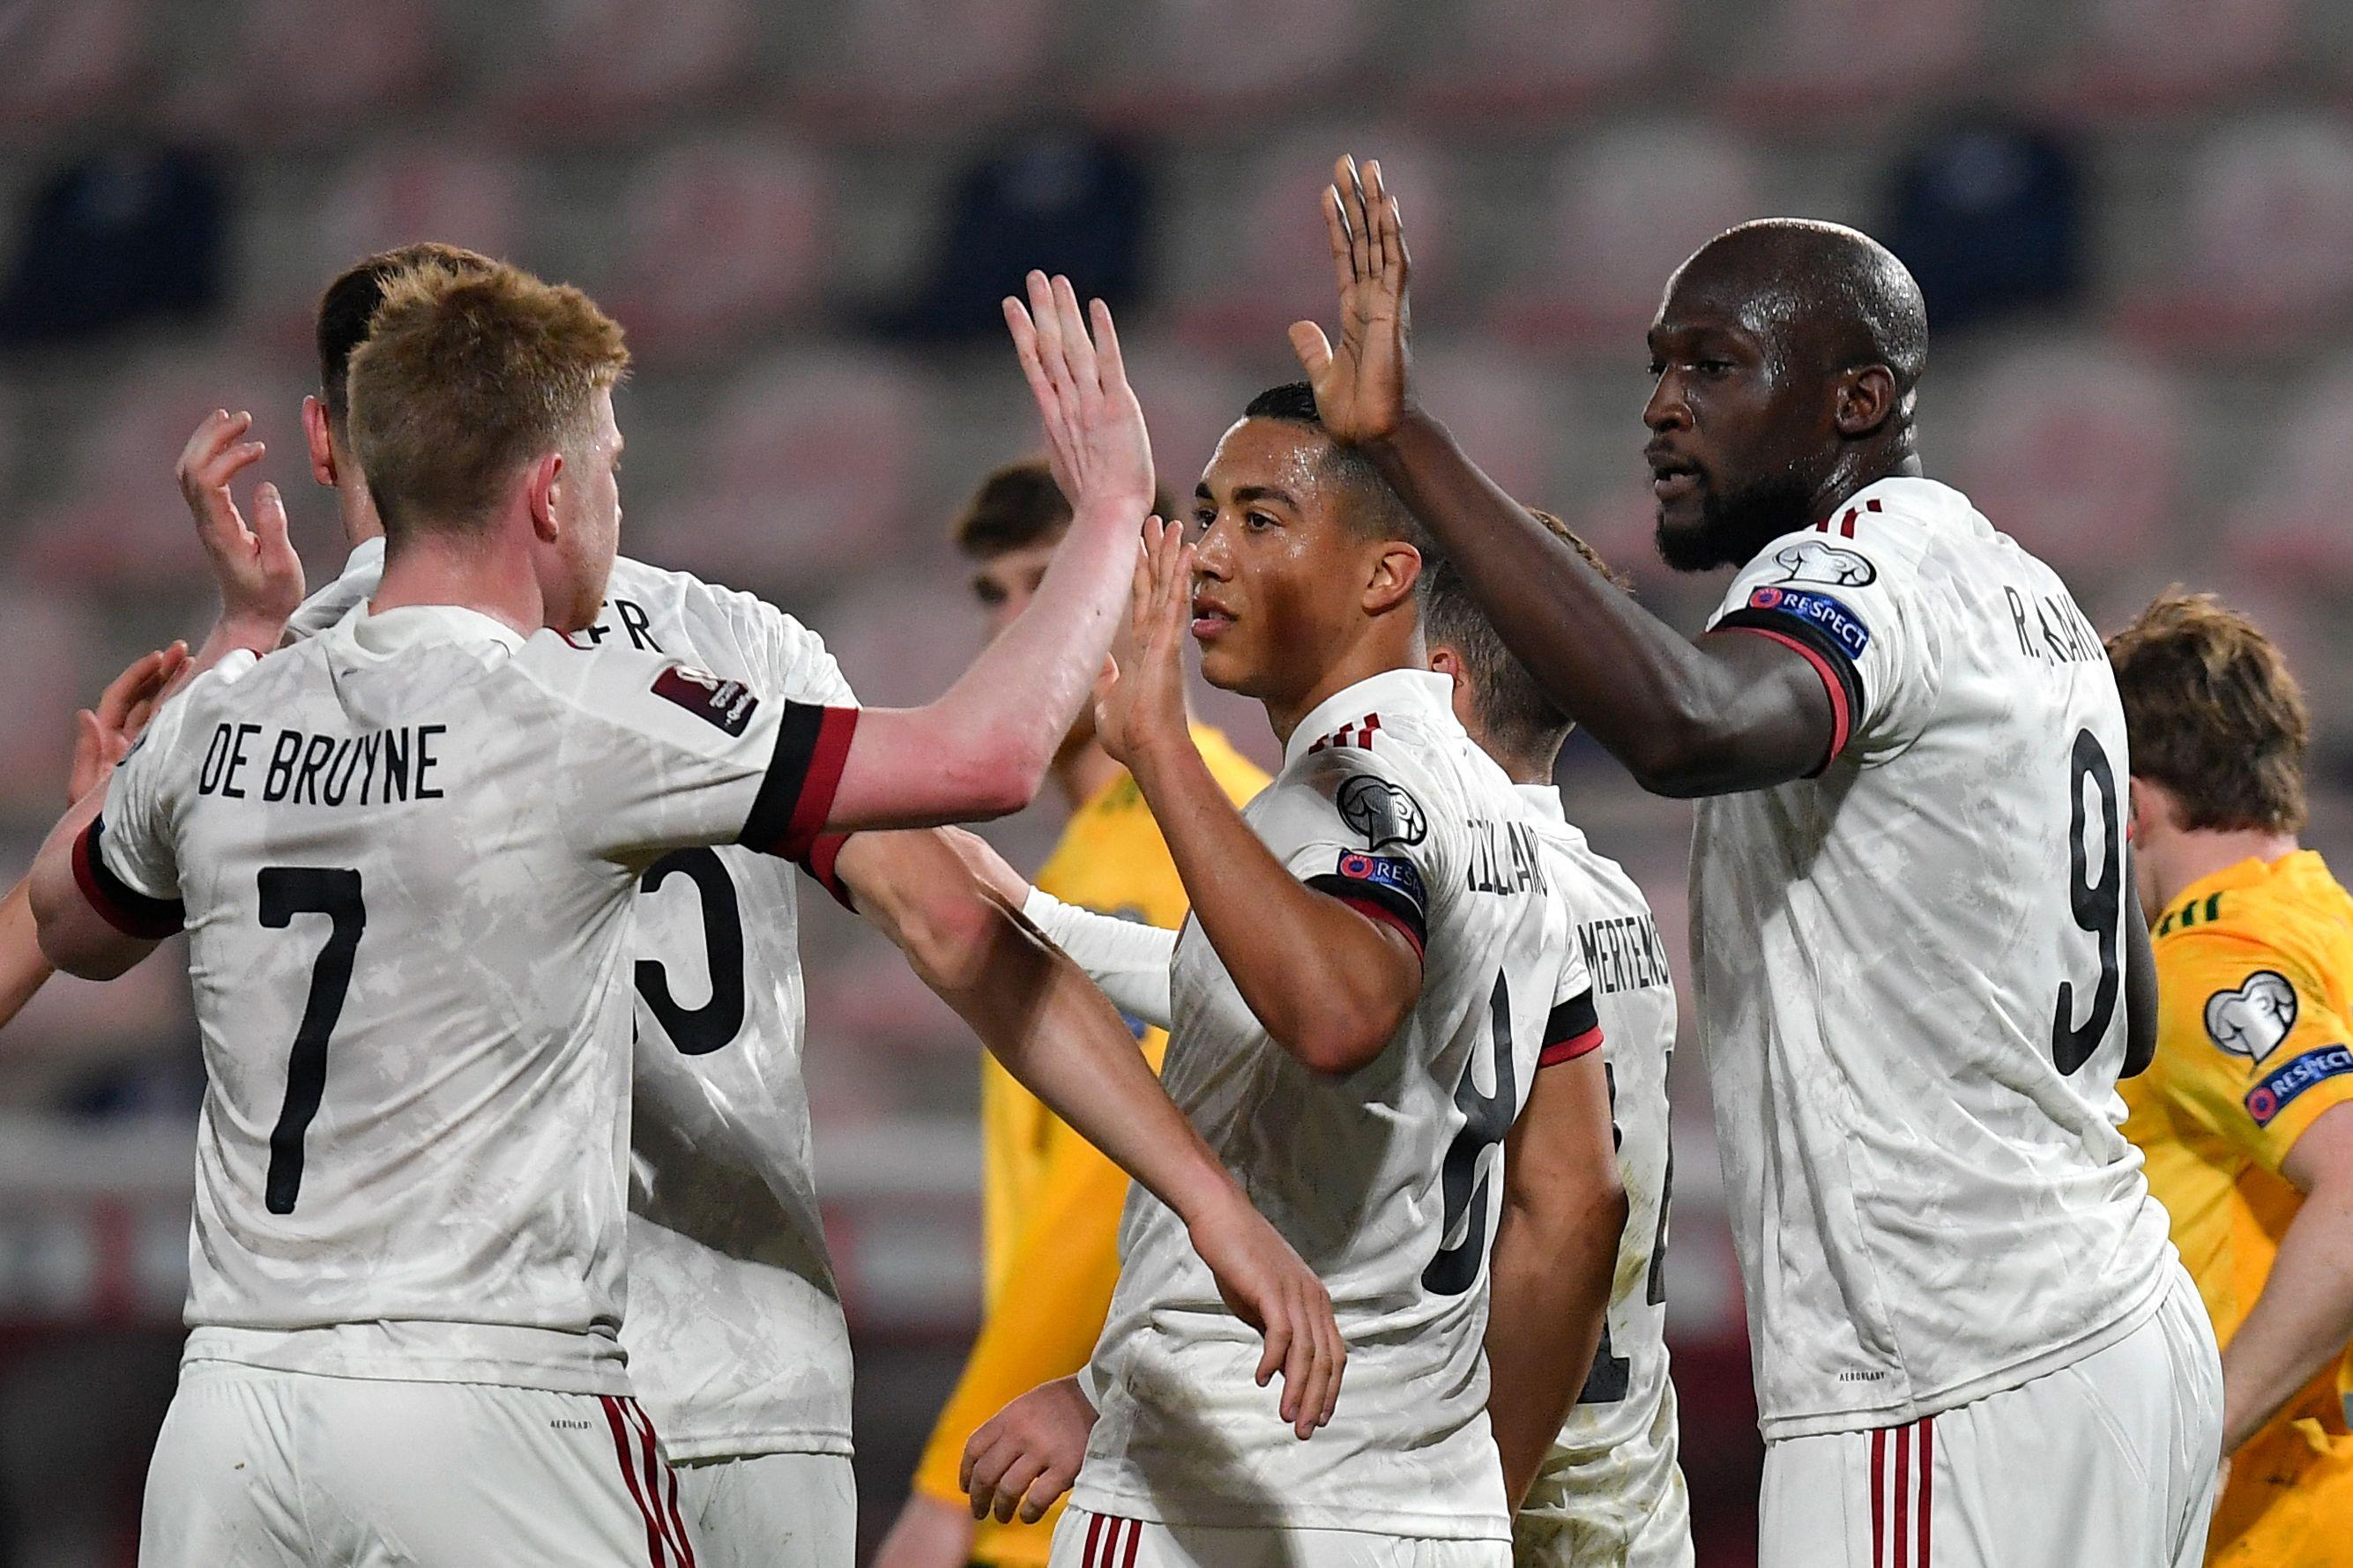 Mondial-2022: la Belgique assure, les Pays-Bas surclassés en Turquie